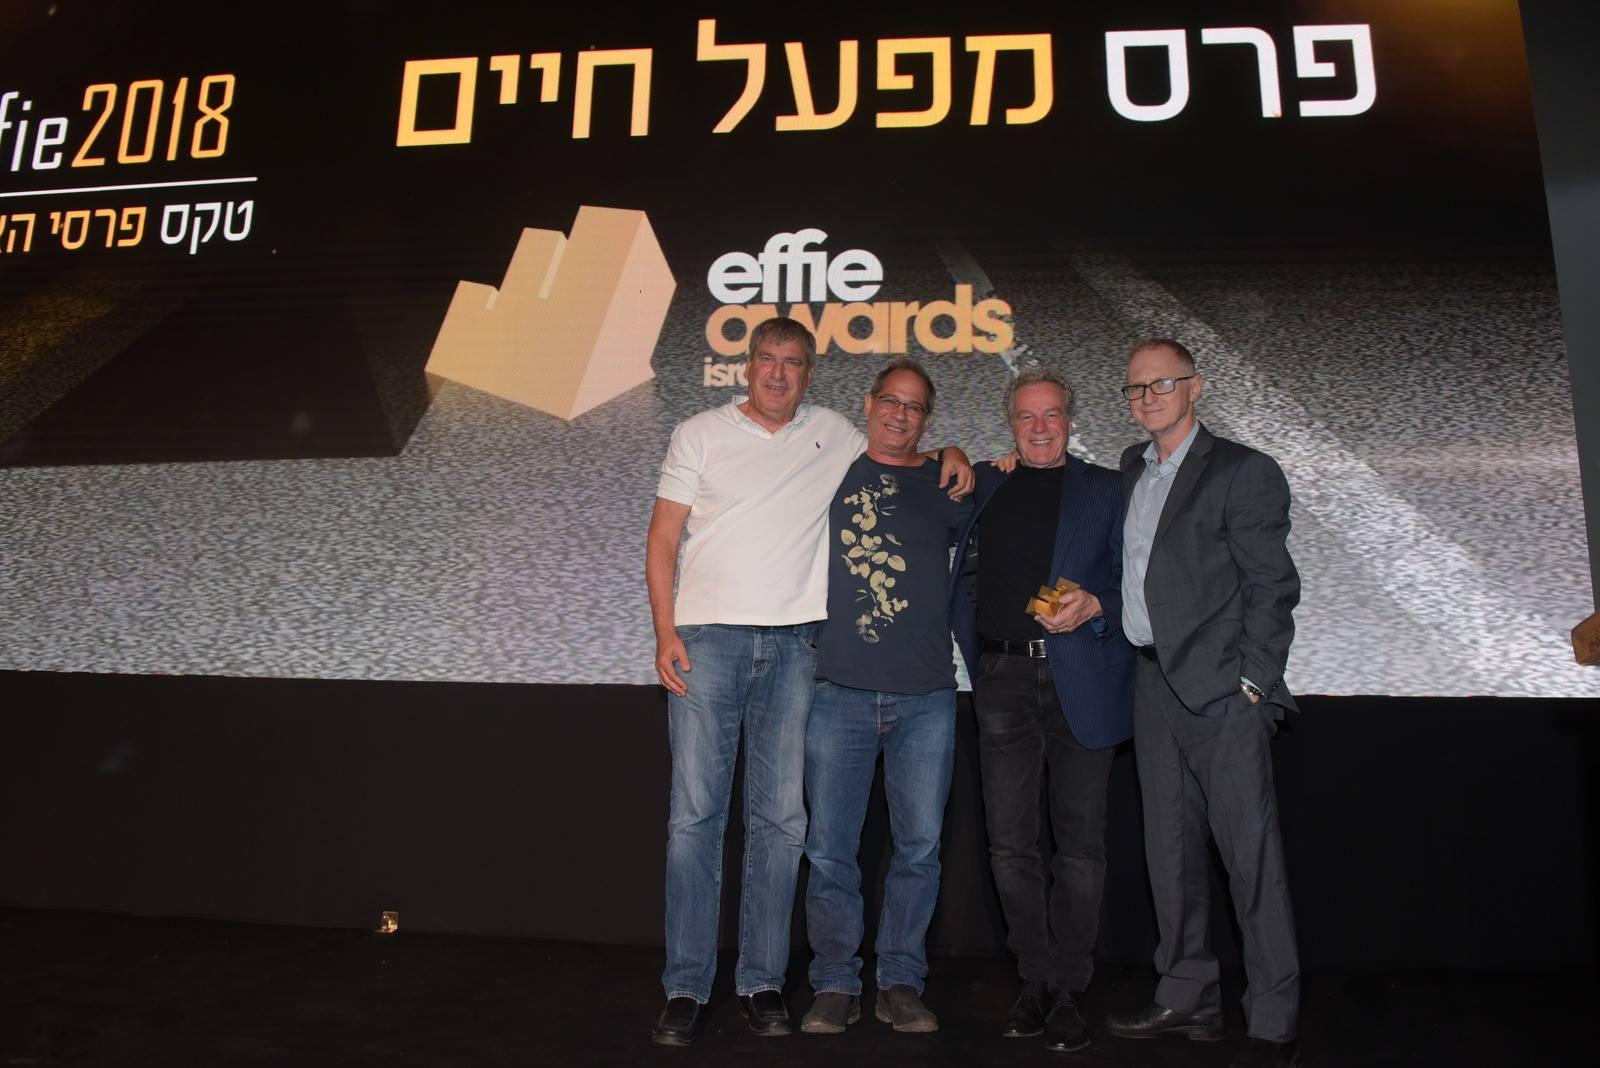 הענקת פרס מפעל חיים לשניים ממייסדי באומן בר ריבנאי – מיקי בר ושוני ריבנאי